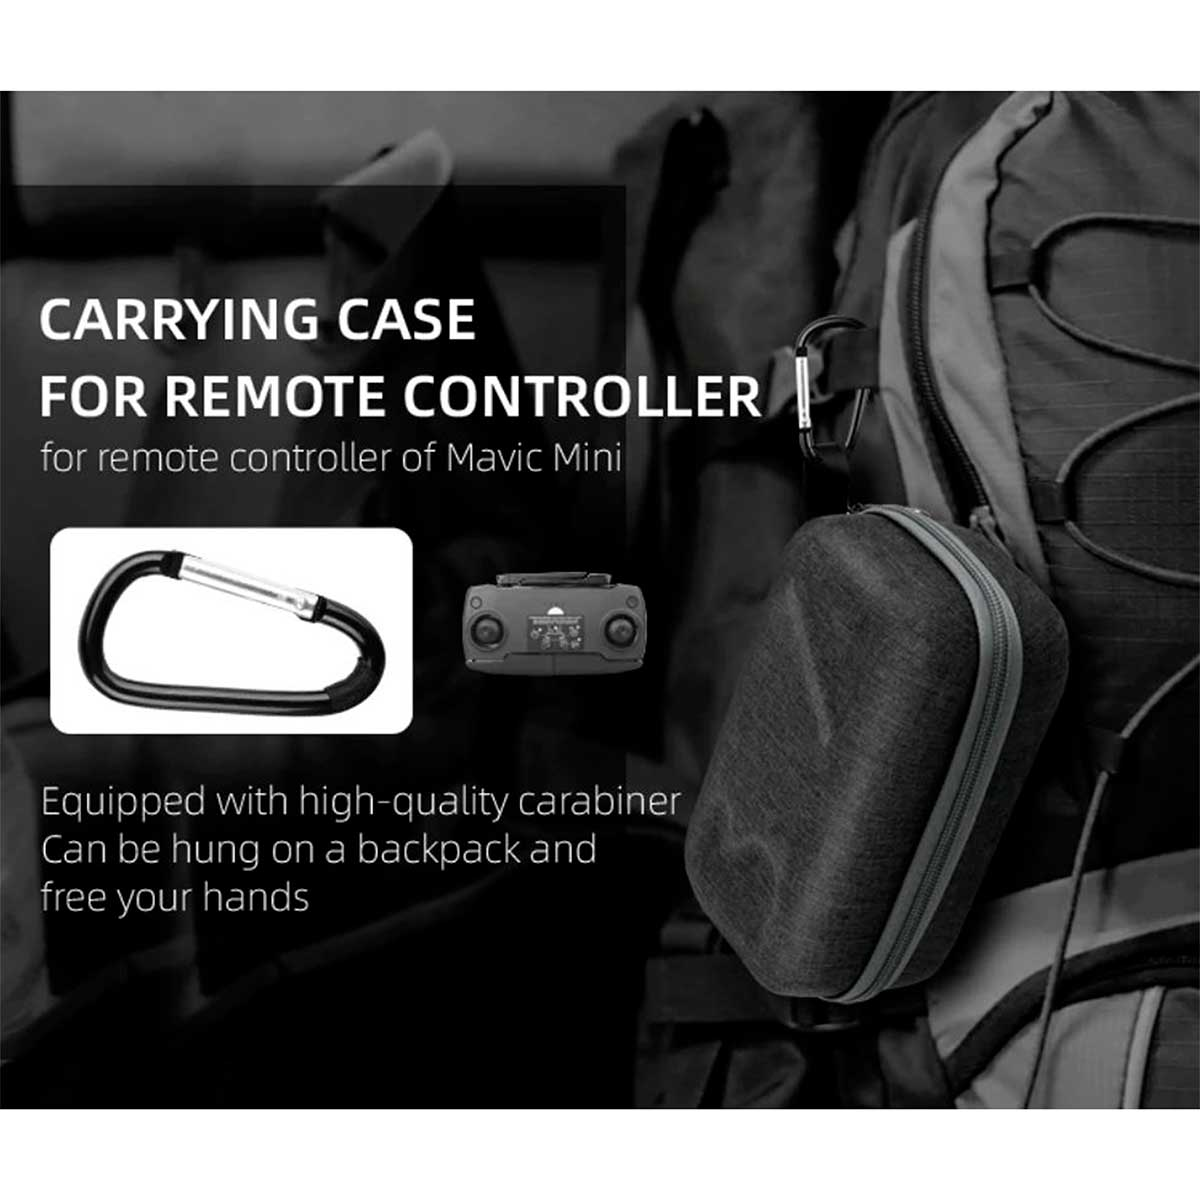 Case de Transporte e Proteção para o Controle Remoto - DJI Mavic Mini